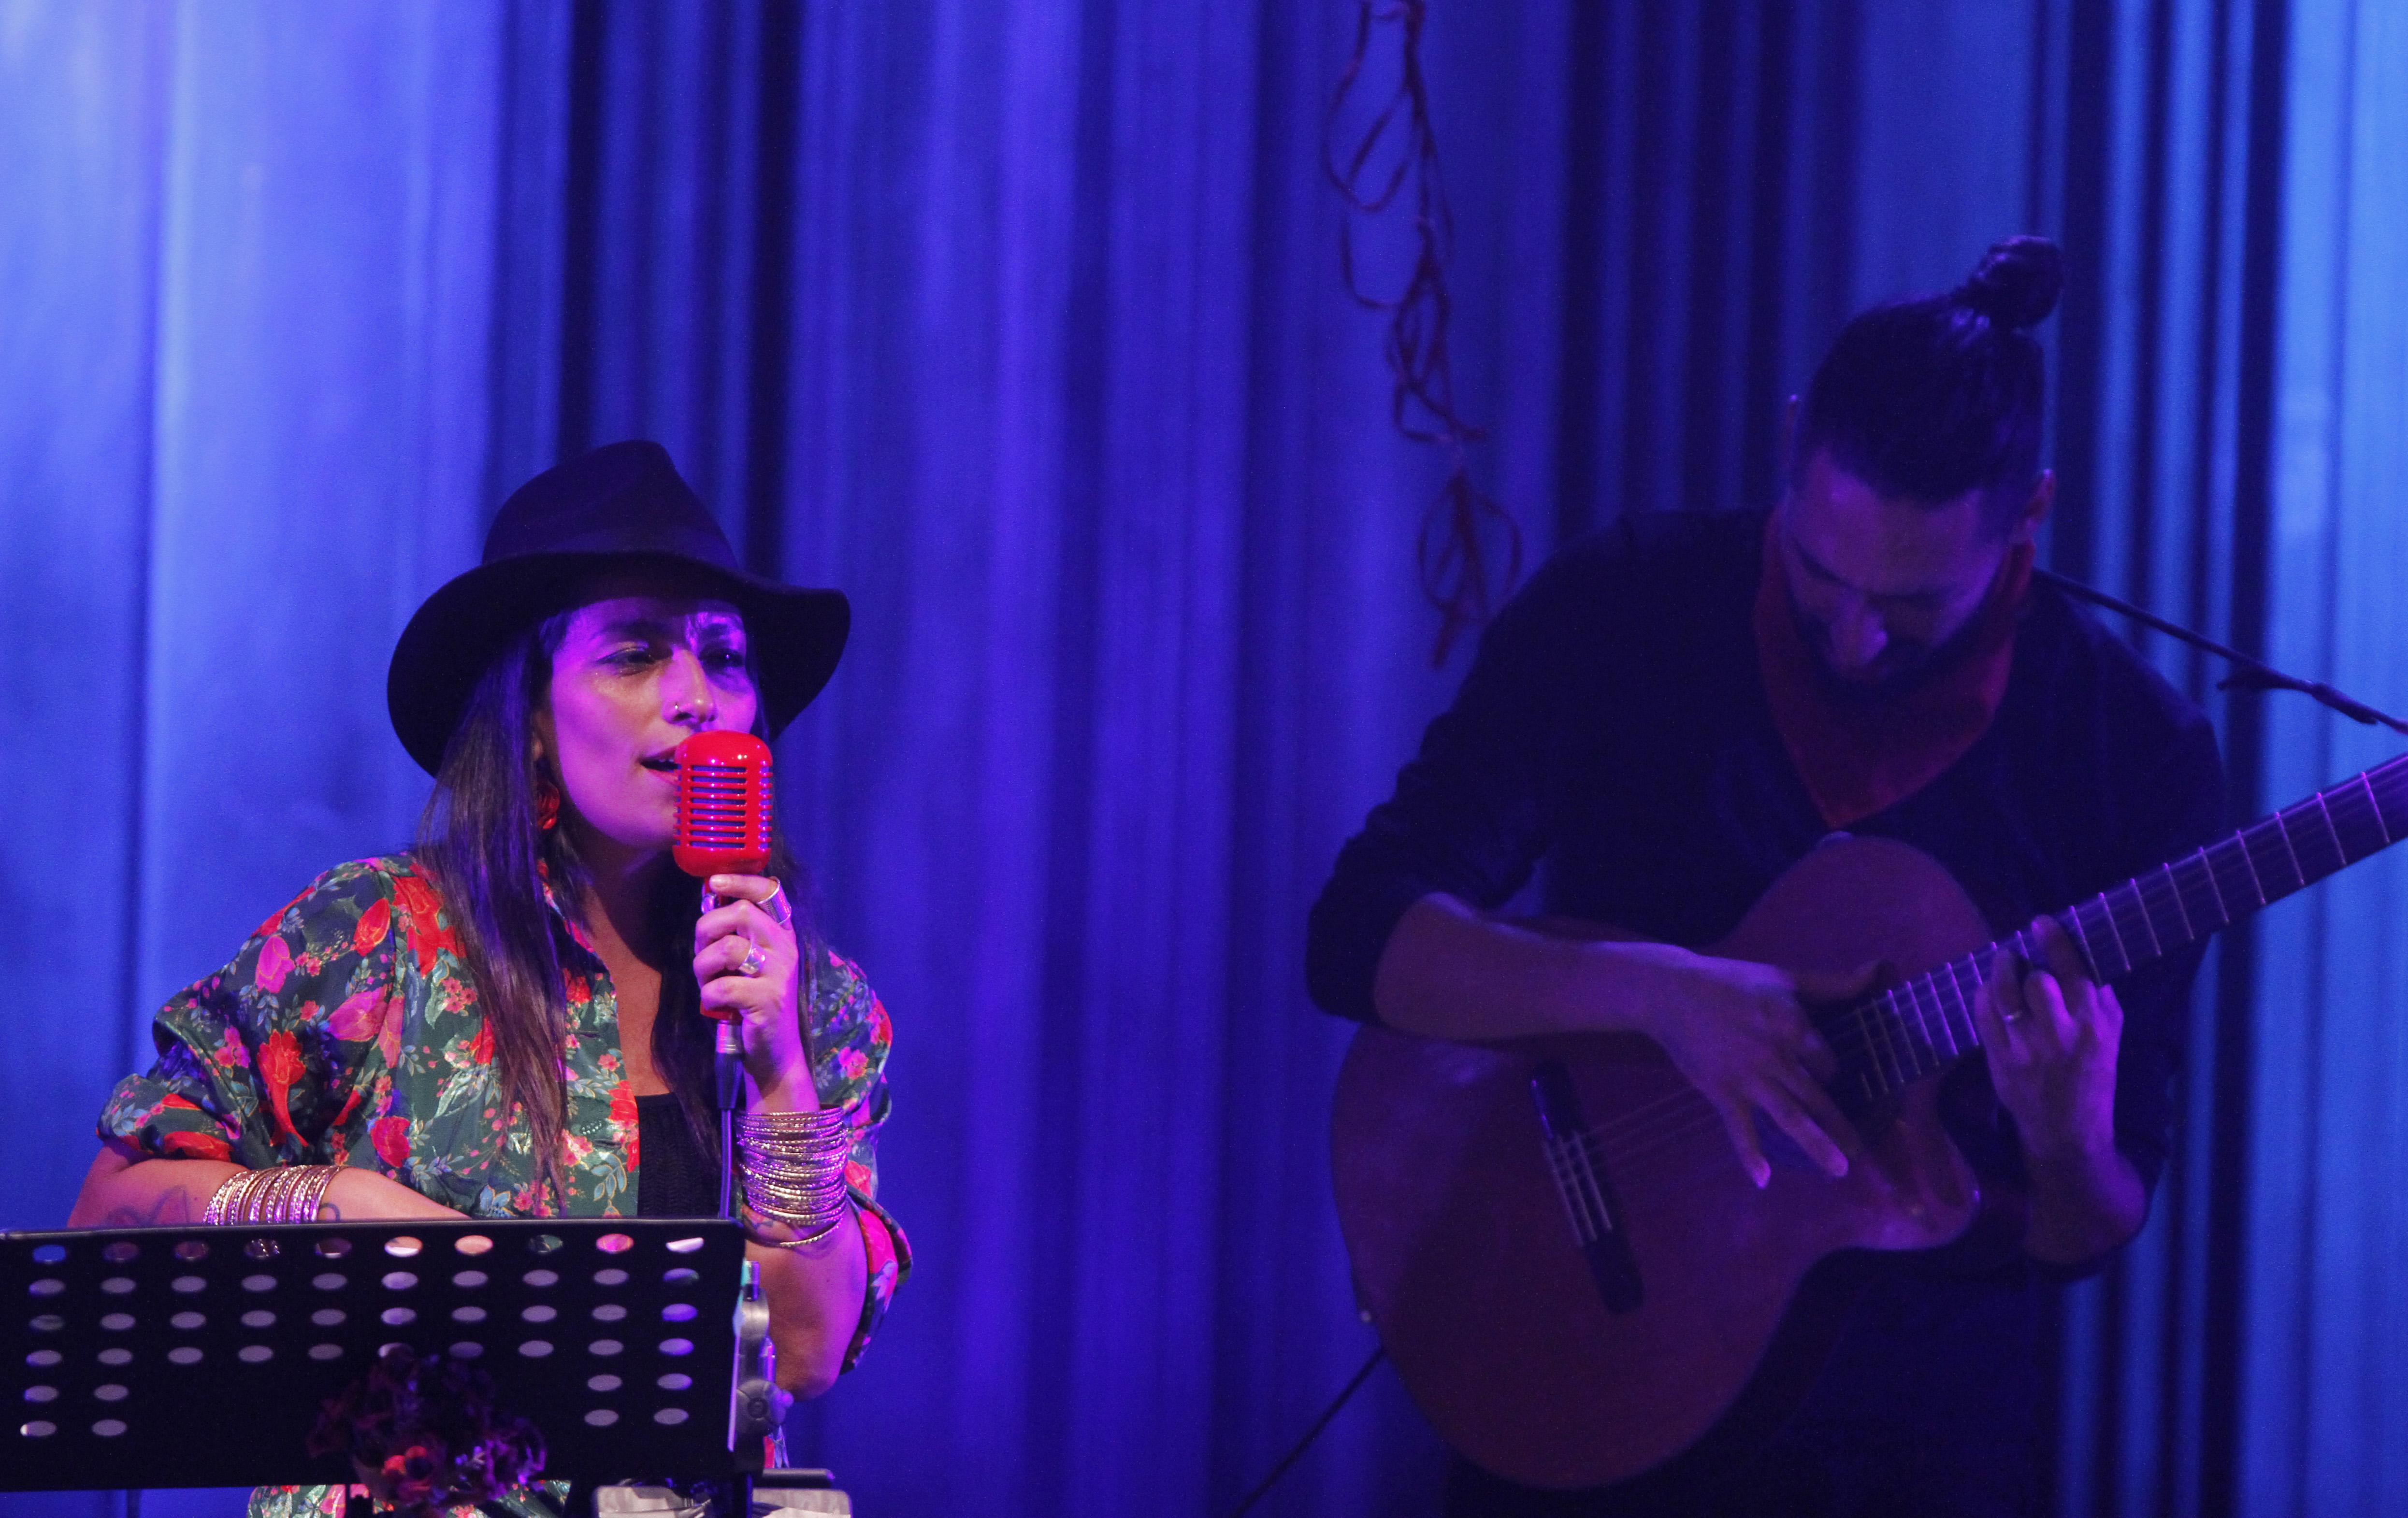 10 de Diciembre del 2017/SANTIAGO La cantante Ana Tijooux, se presenta en el teatro oriente, en el marco del Festival Santiago a Mil. FOTO: RODRIGO SAENZ/AGENCIAUNO